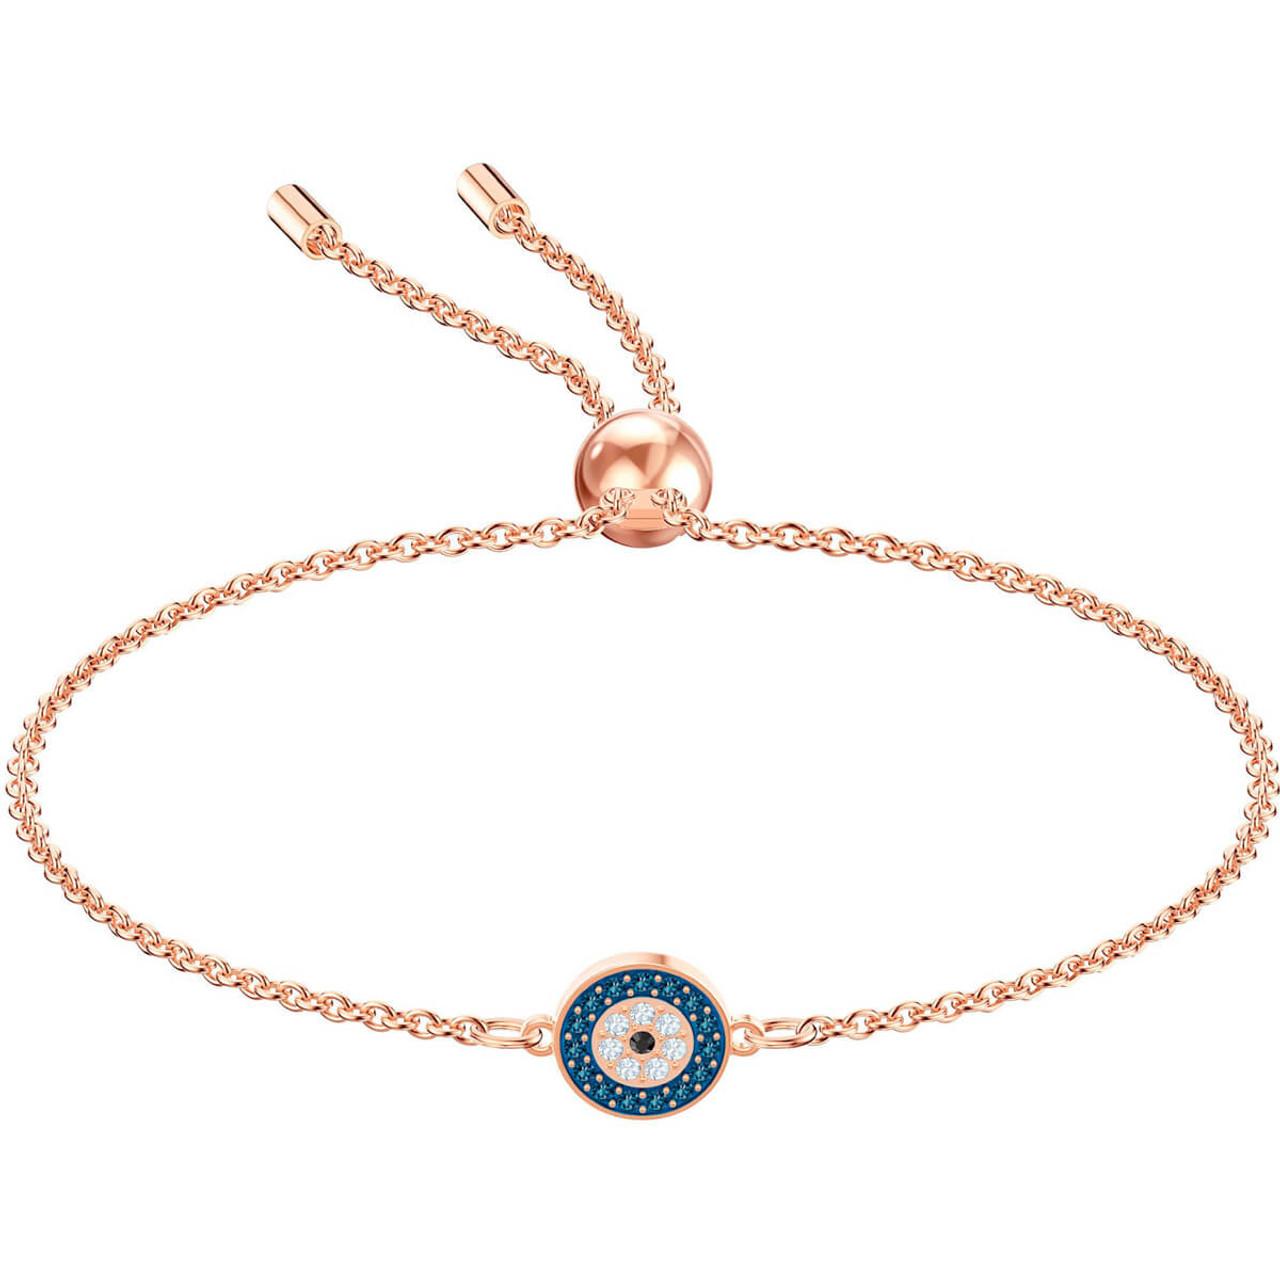 c7561fb5a6d swarovski-luckily-blue-evil-eye-rose-gold-bracelet -5468924__90701.1550537185.jpg?c=2&imbypass=on